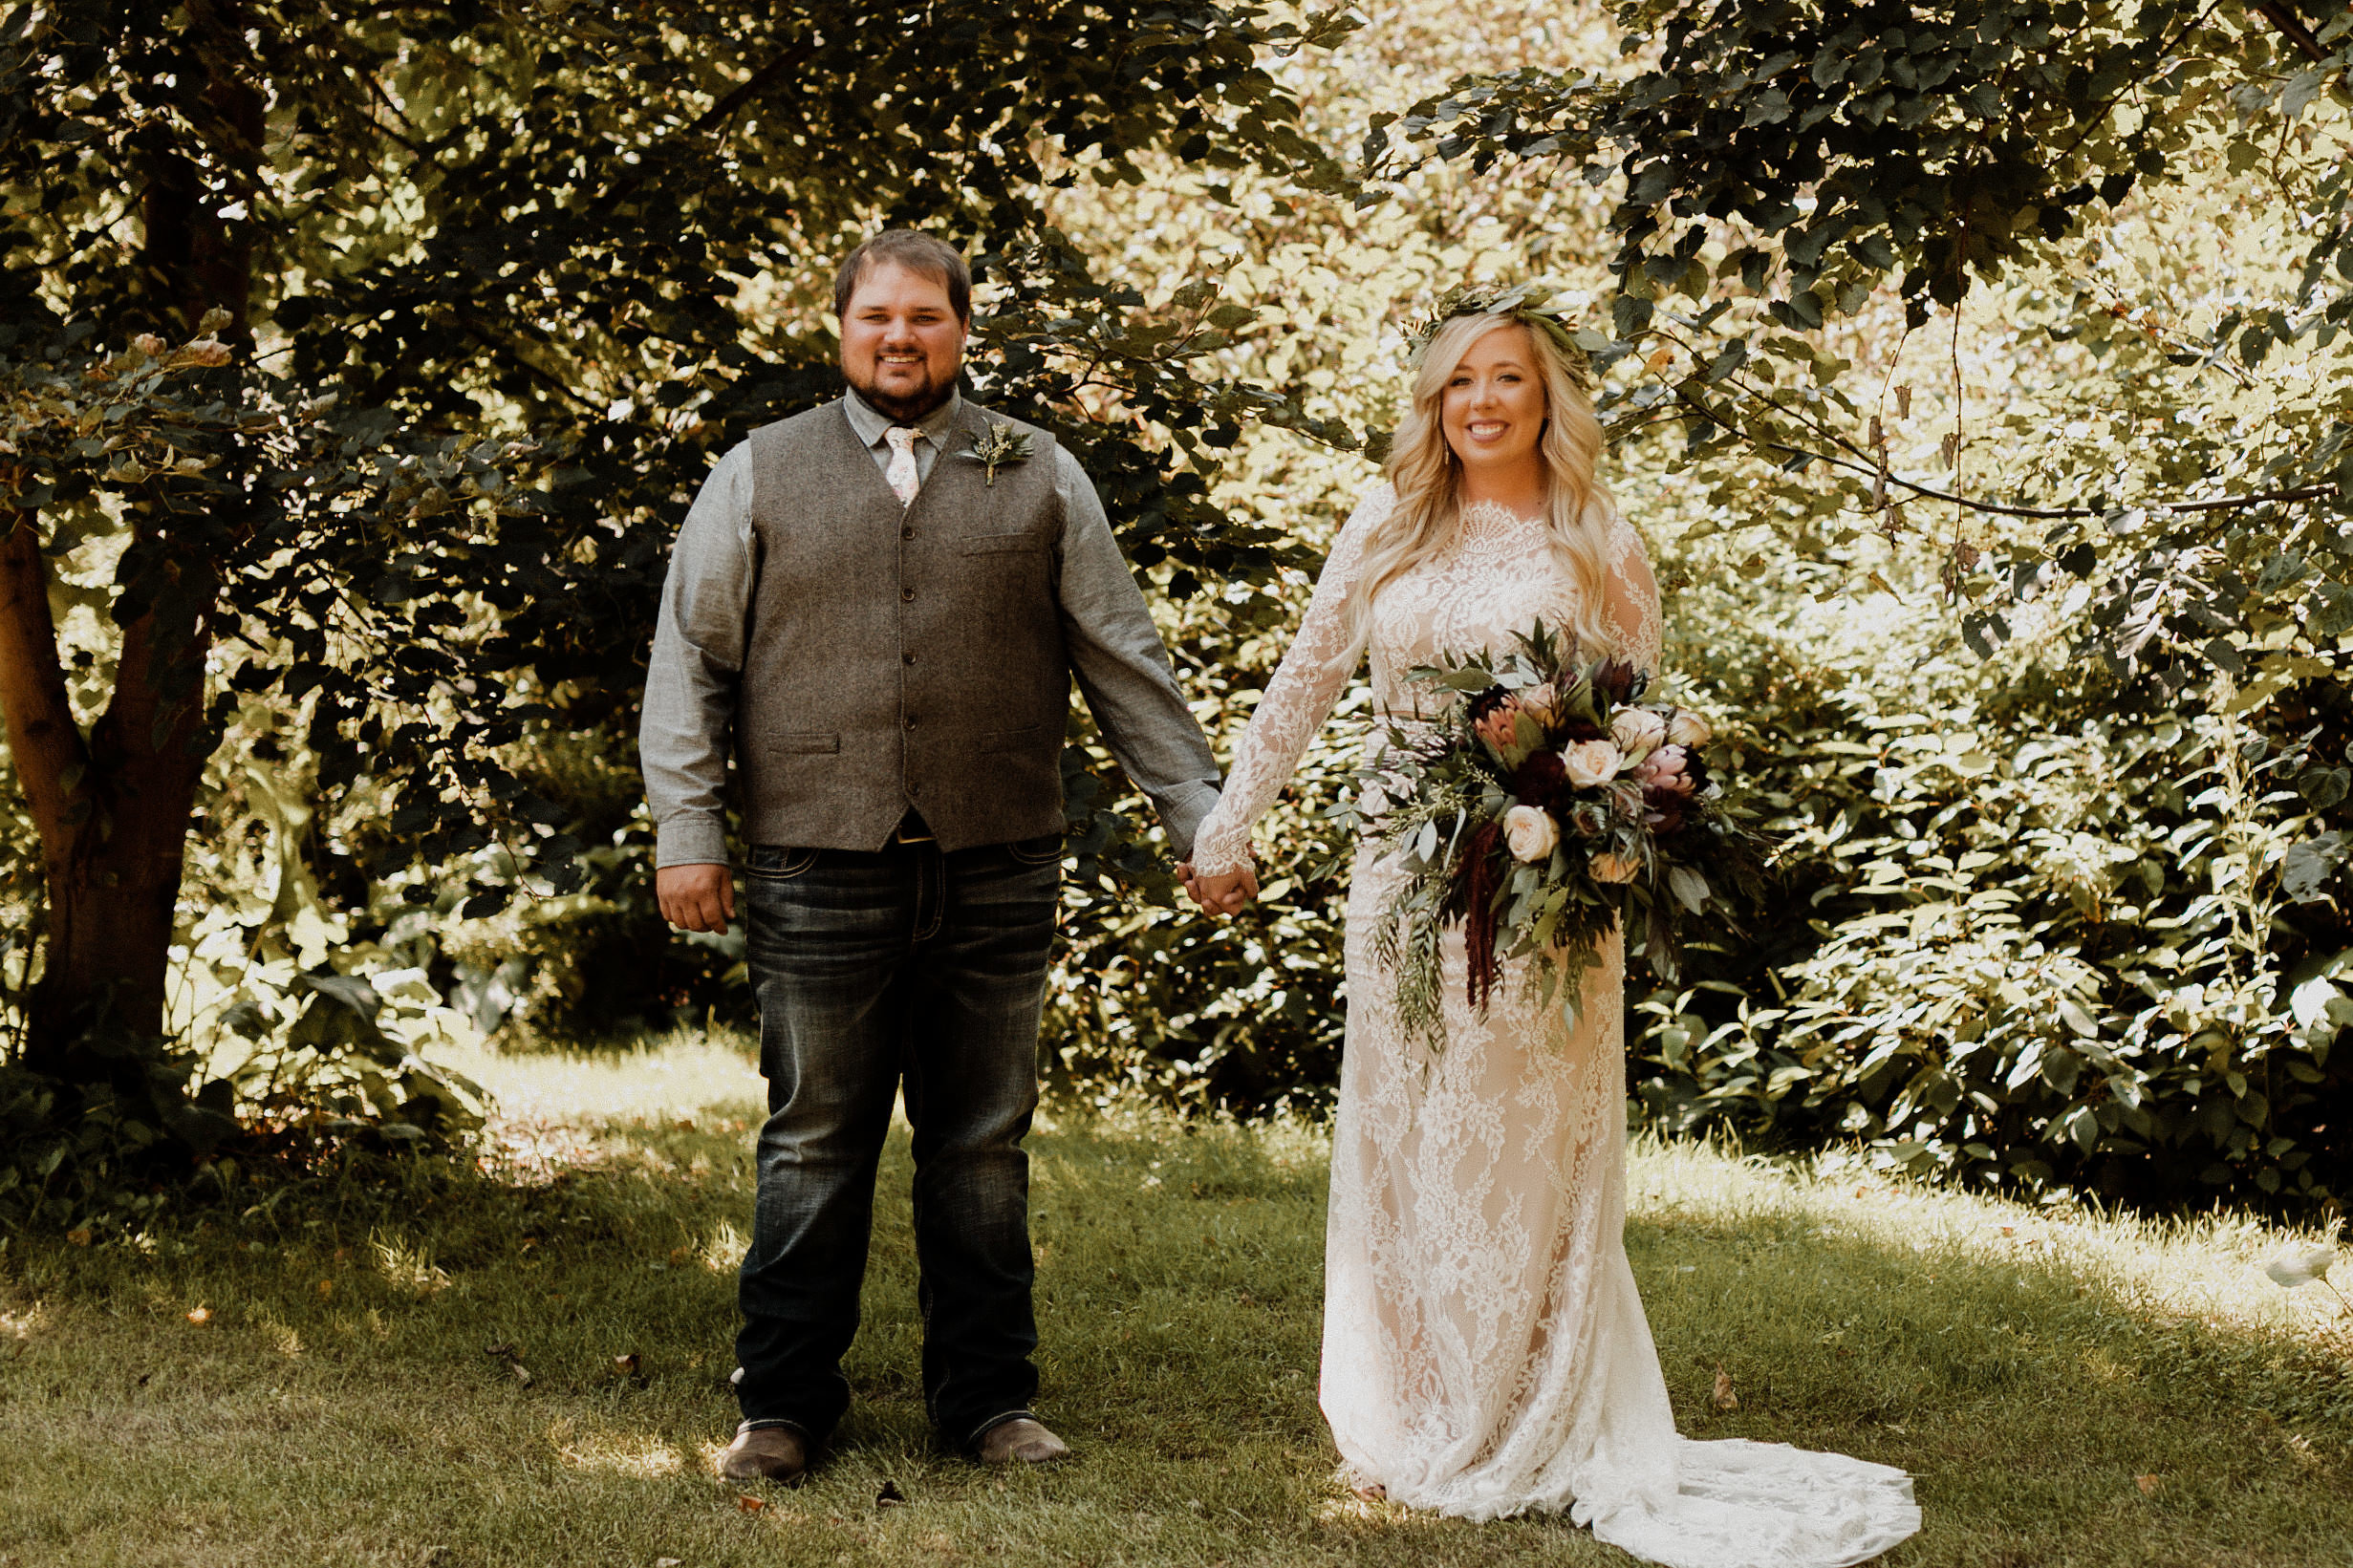 Skylar+Brock_Wedding_TonyaHjortPhotography-117.jpg